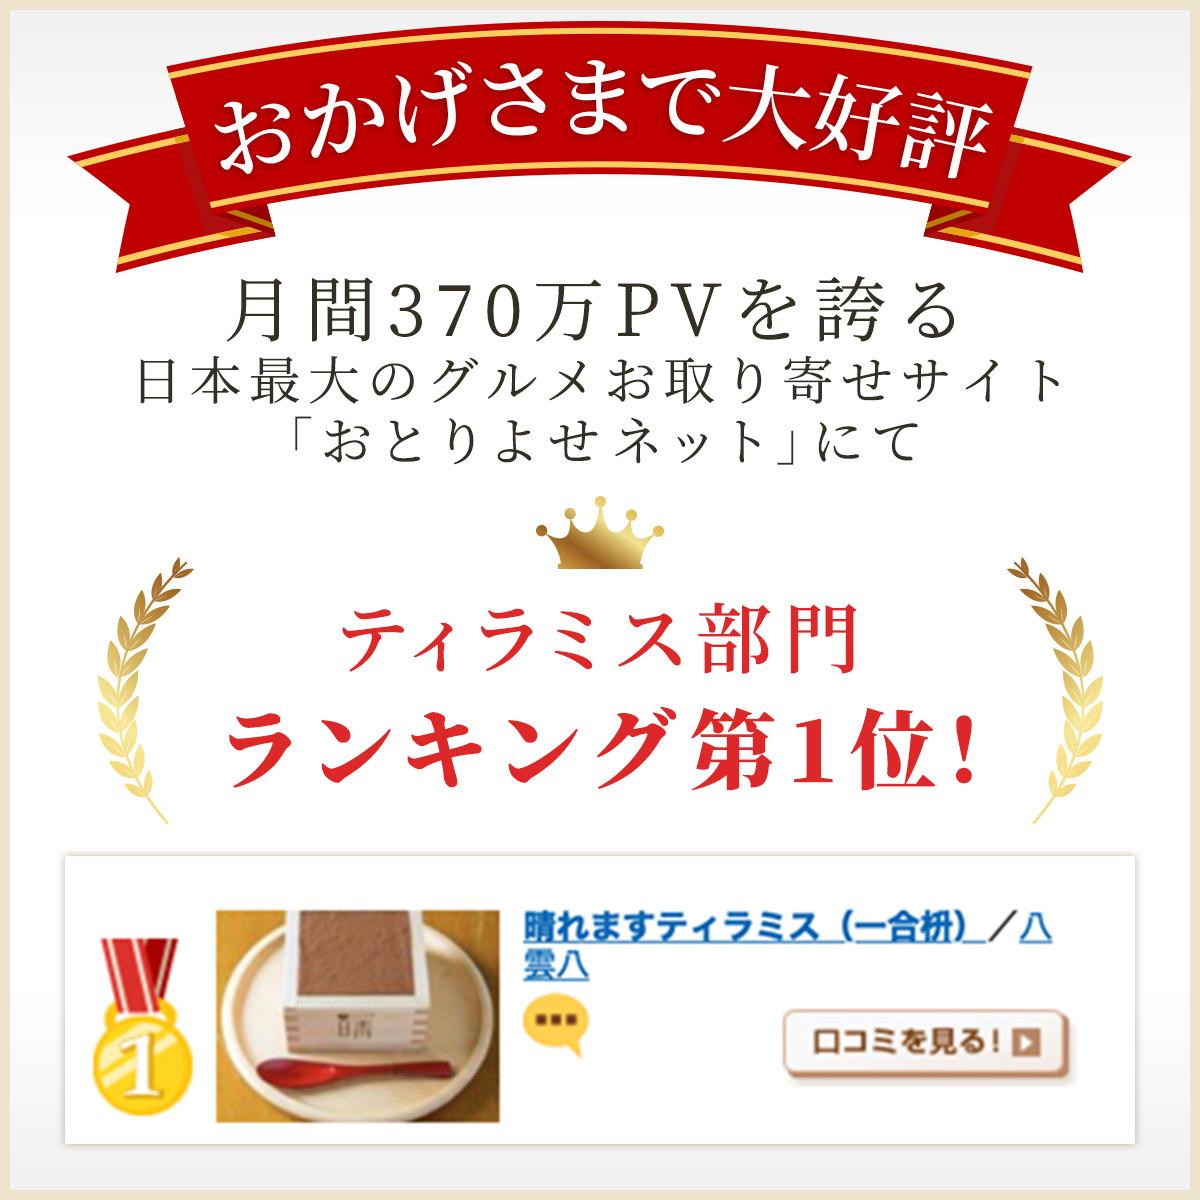 「おとりよせネット」にてティラミス部門ランキング第1位!